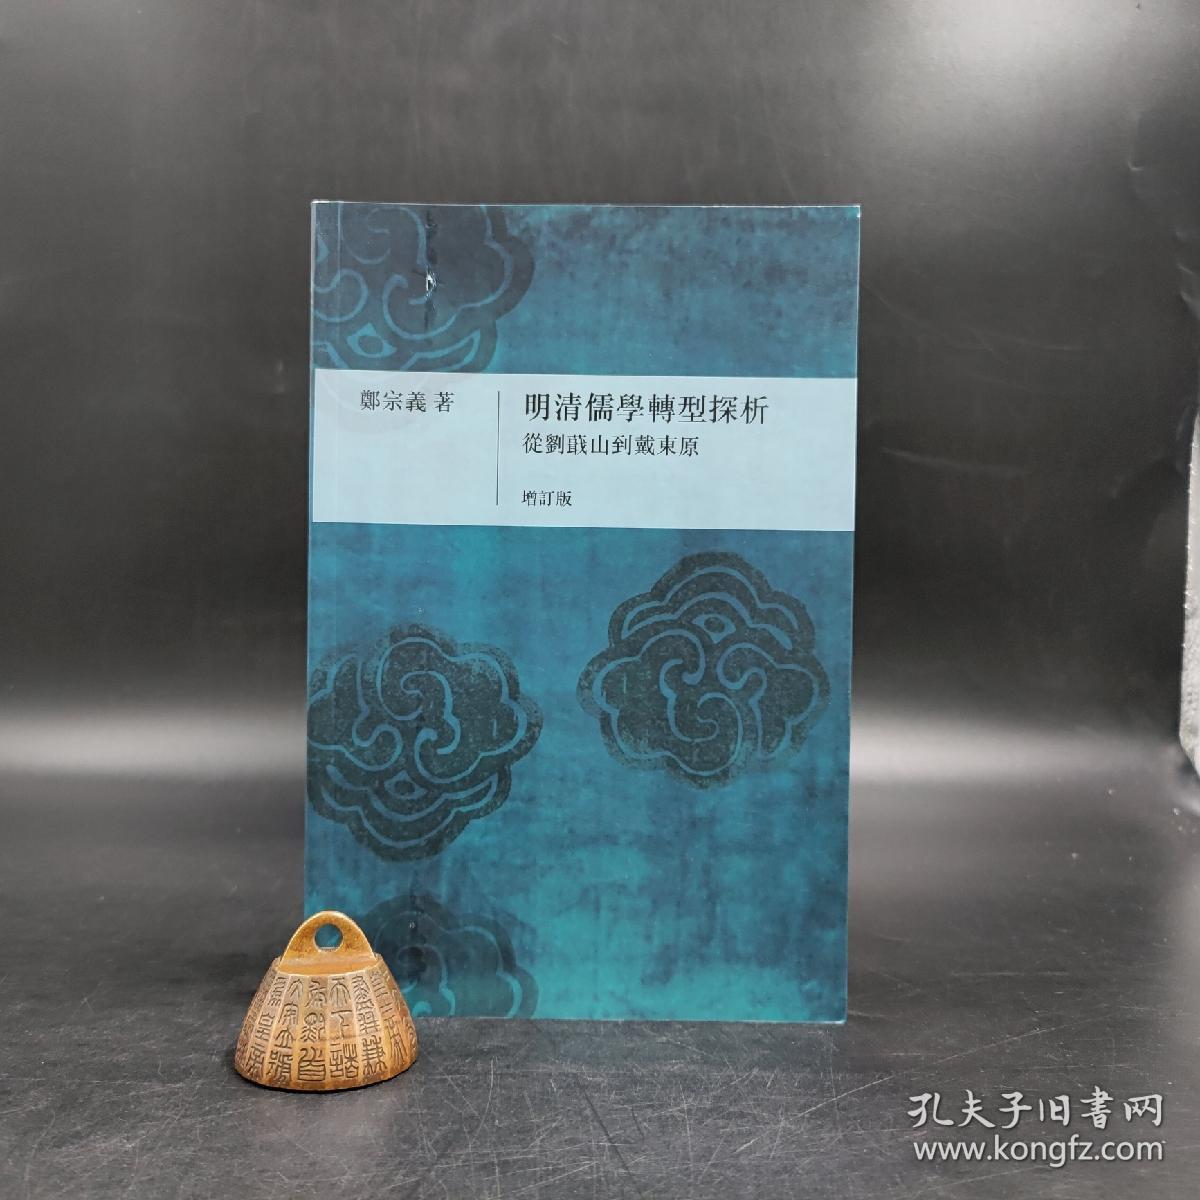 香港中文大学版  郑宗义《明清儒學轉型探析︰從劉蕺山到戴東原(增訂版)》(锁线胶订)